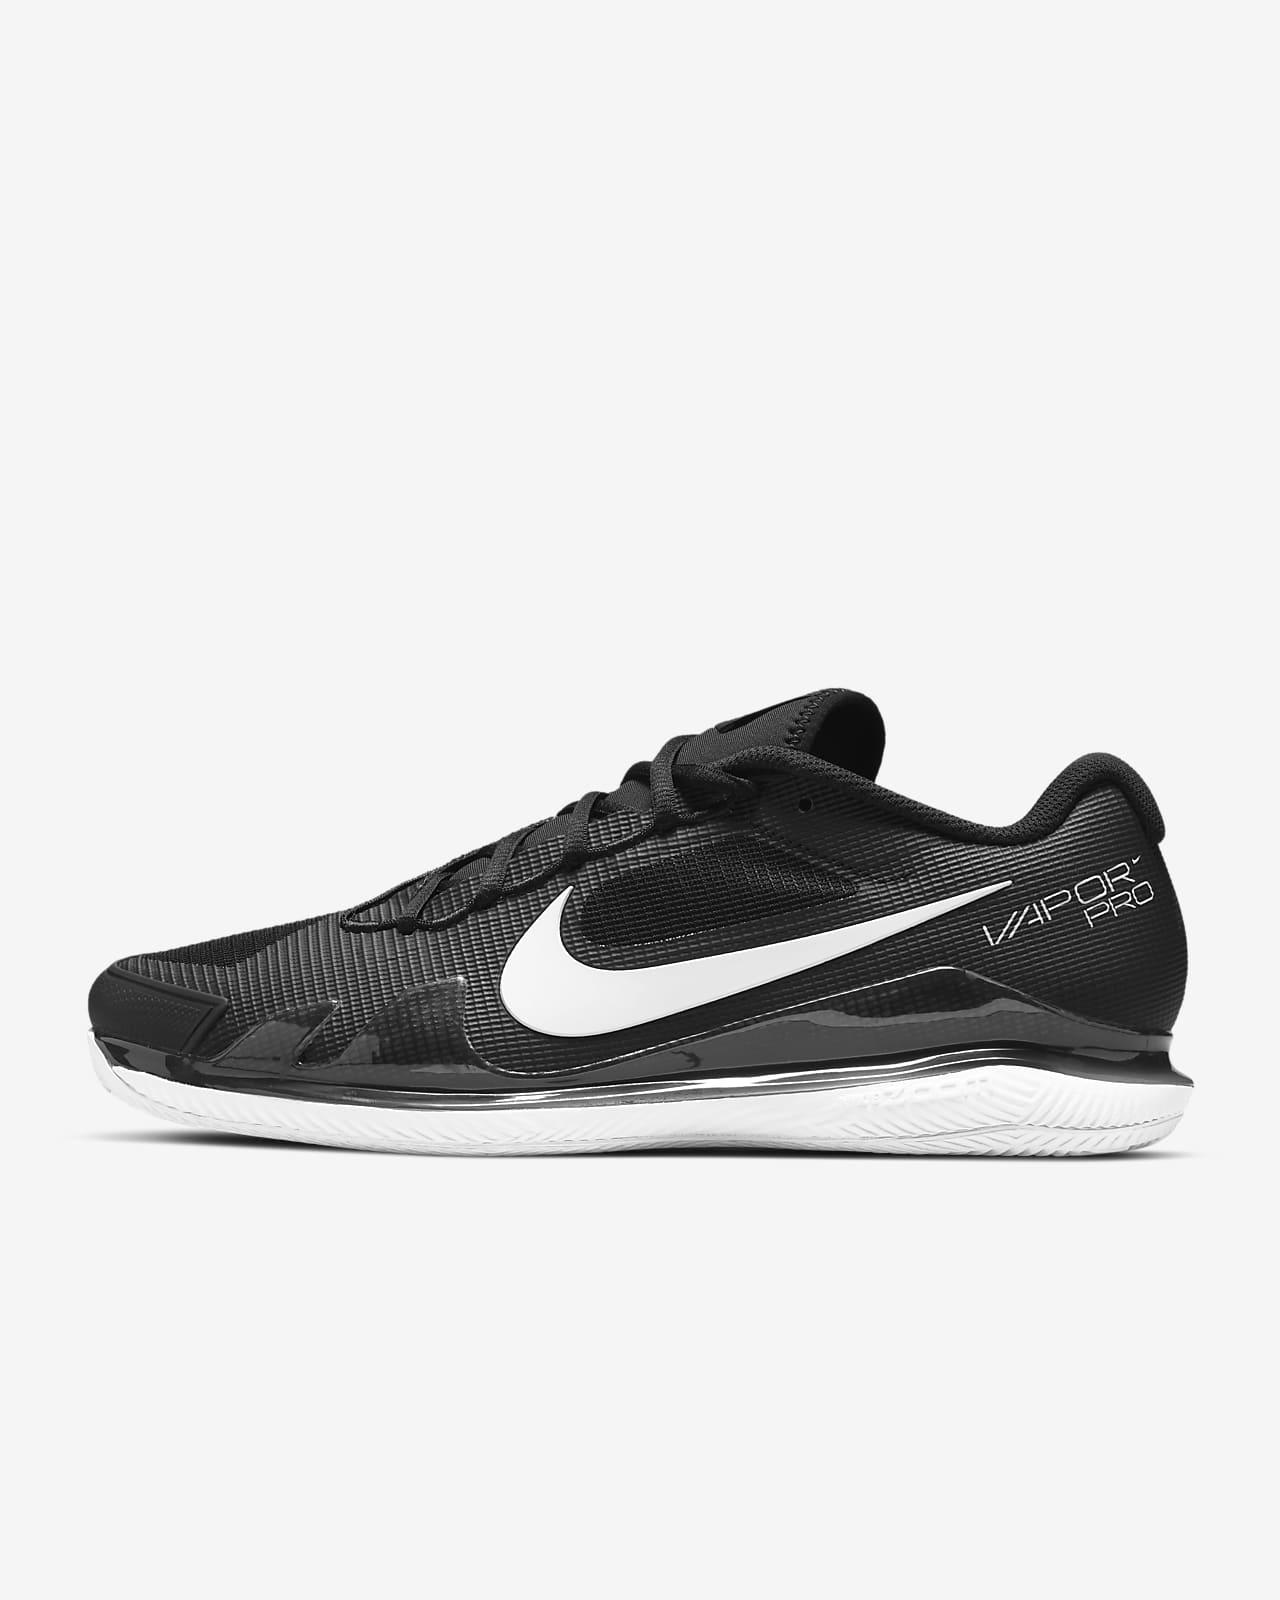 Ανδρικό παπούτσι τένις για χωμάτινα γήπεδα NikeCourt Air Zoom Vapor Pro